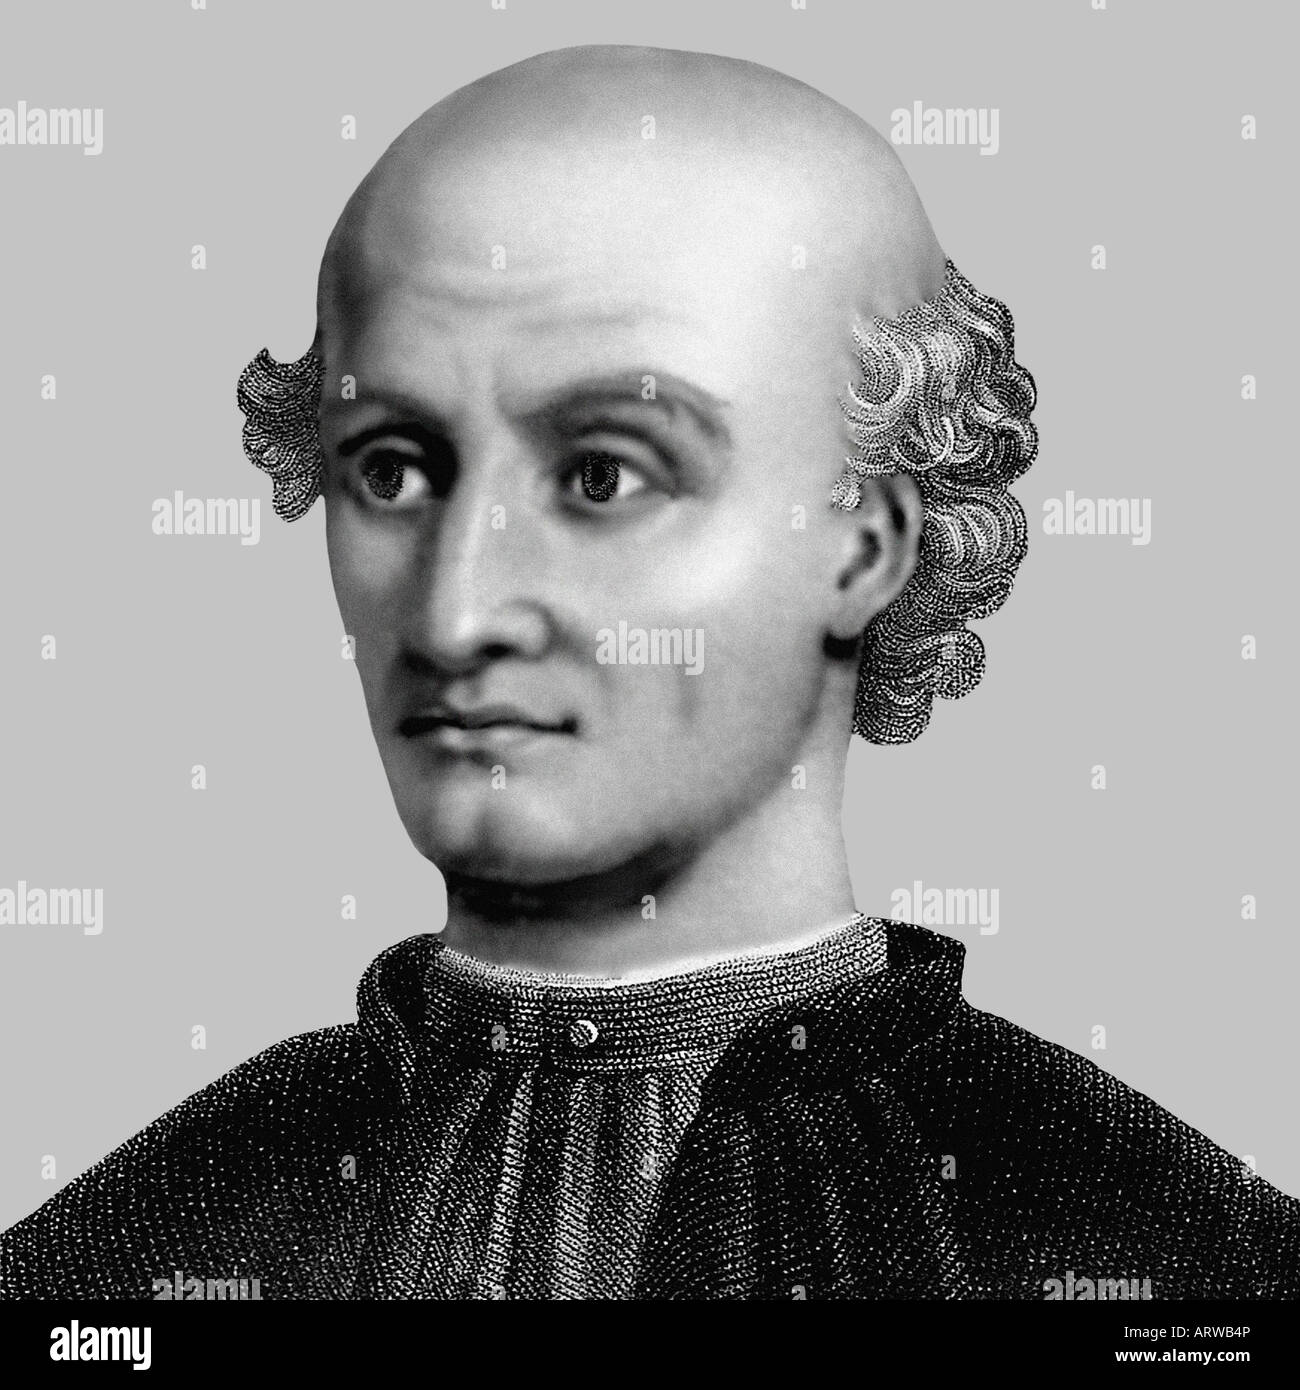 donato d angelo bramante Donato bramante - donato d'angelo bramante biografía resumida ⇨ donato di pascussio d'antonio donato d'angelo bramante arquitecto italiano nació en el año 1444 en monte andruvaldo, cerca de urbino.